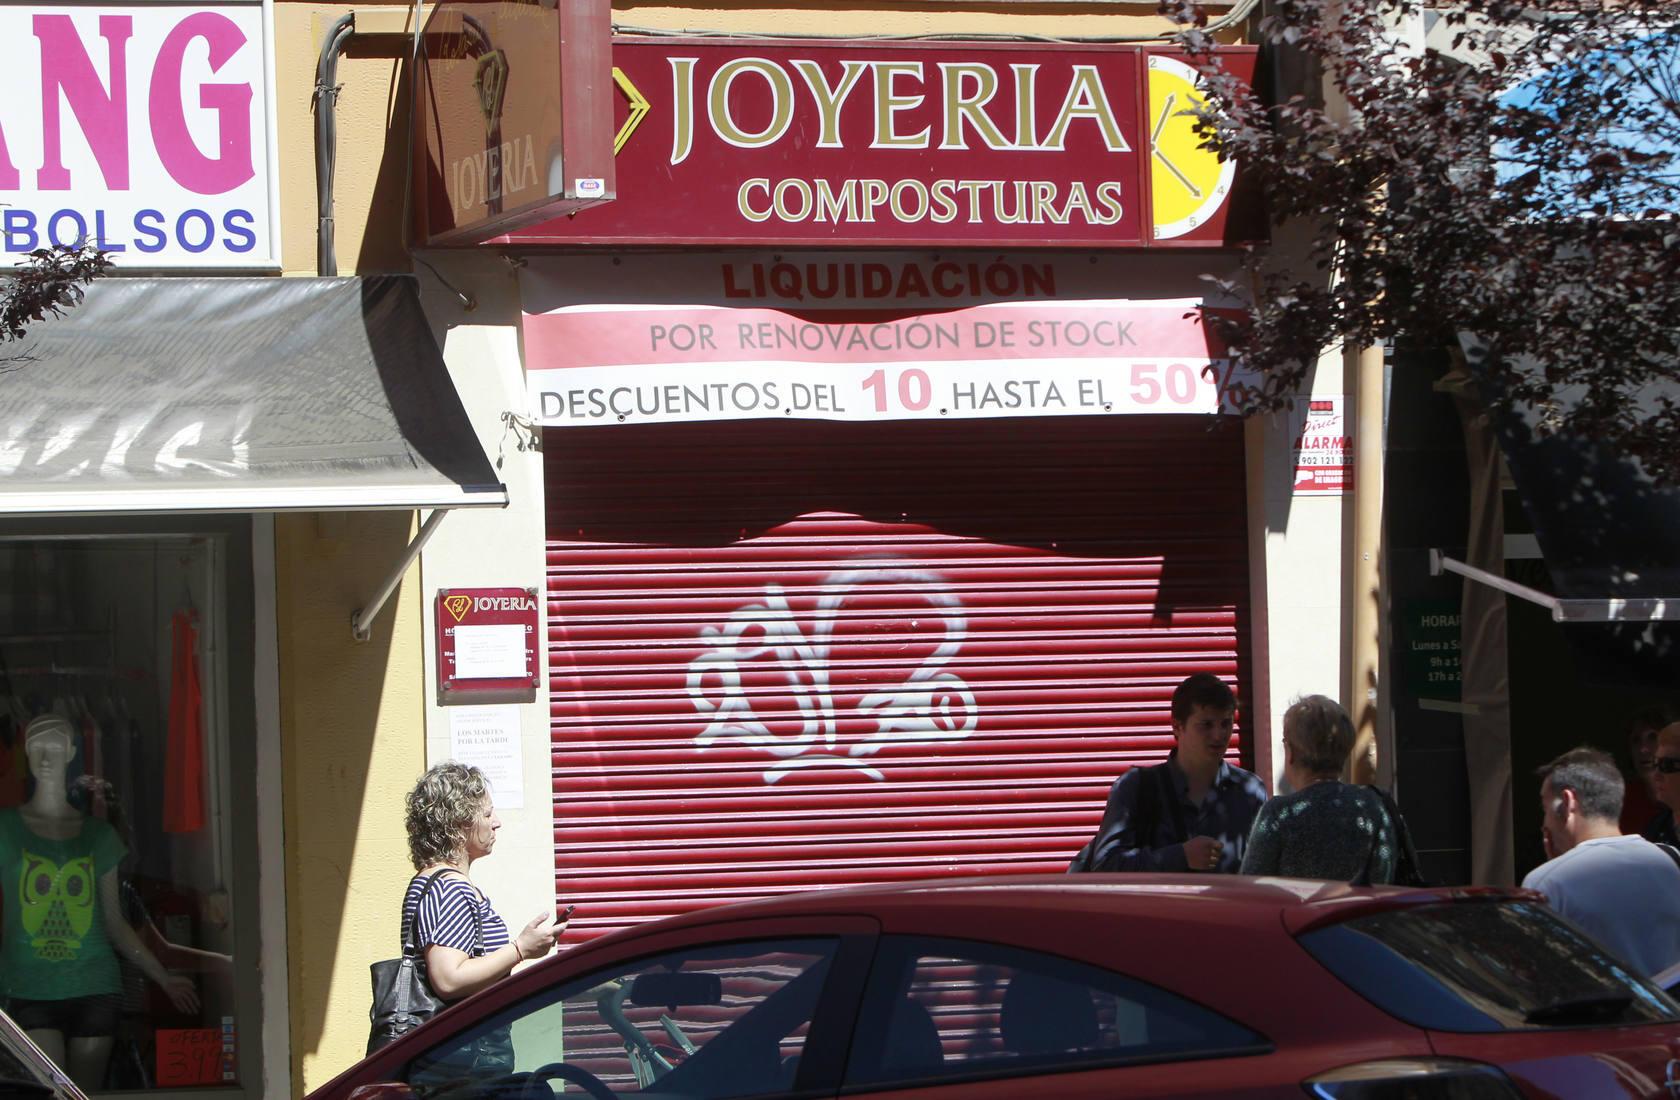 Atracan a una joyera en su casa de Valencia y tirotean al marido para robarles